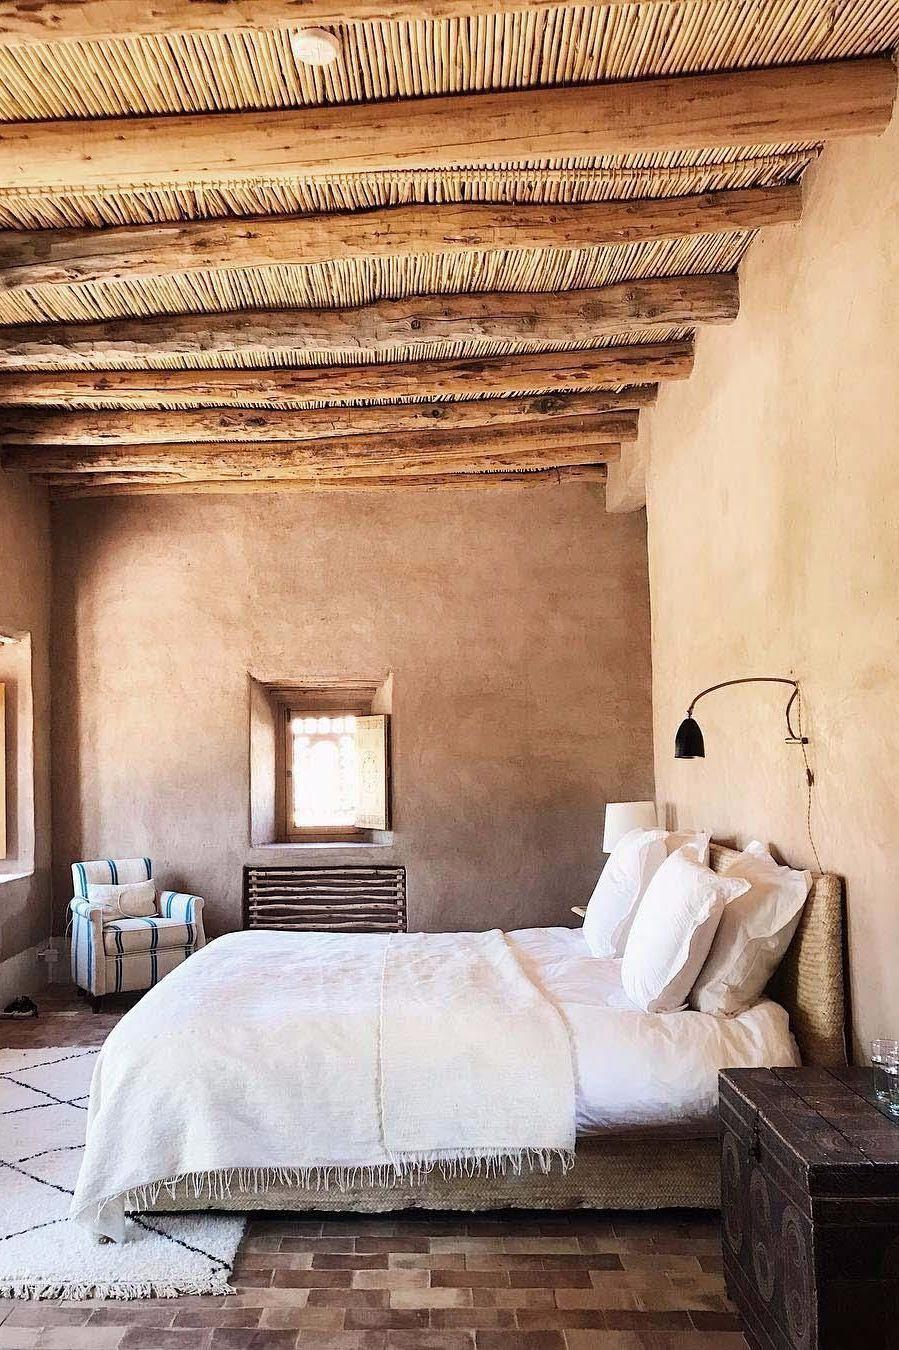 Idée déco exotique et ethnique inspiration Marrakech Maroc ...